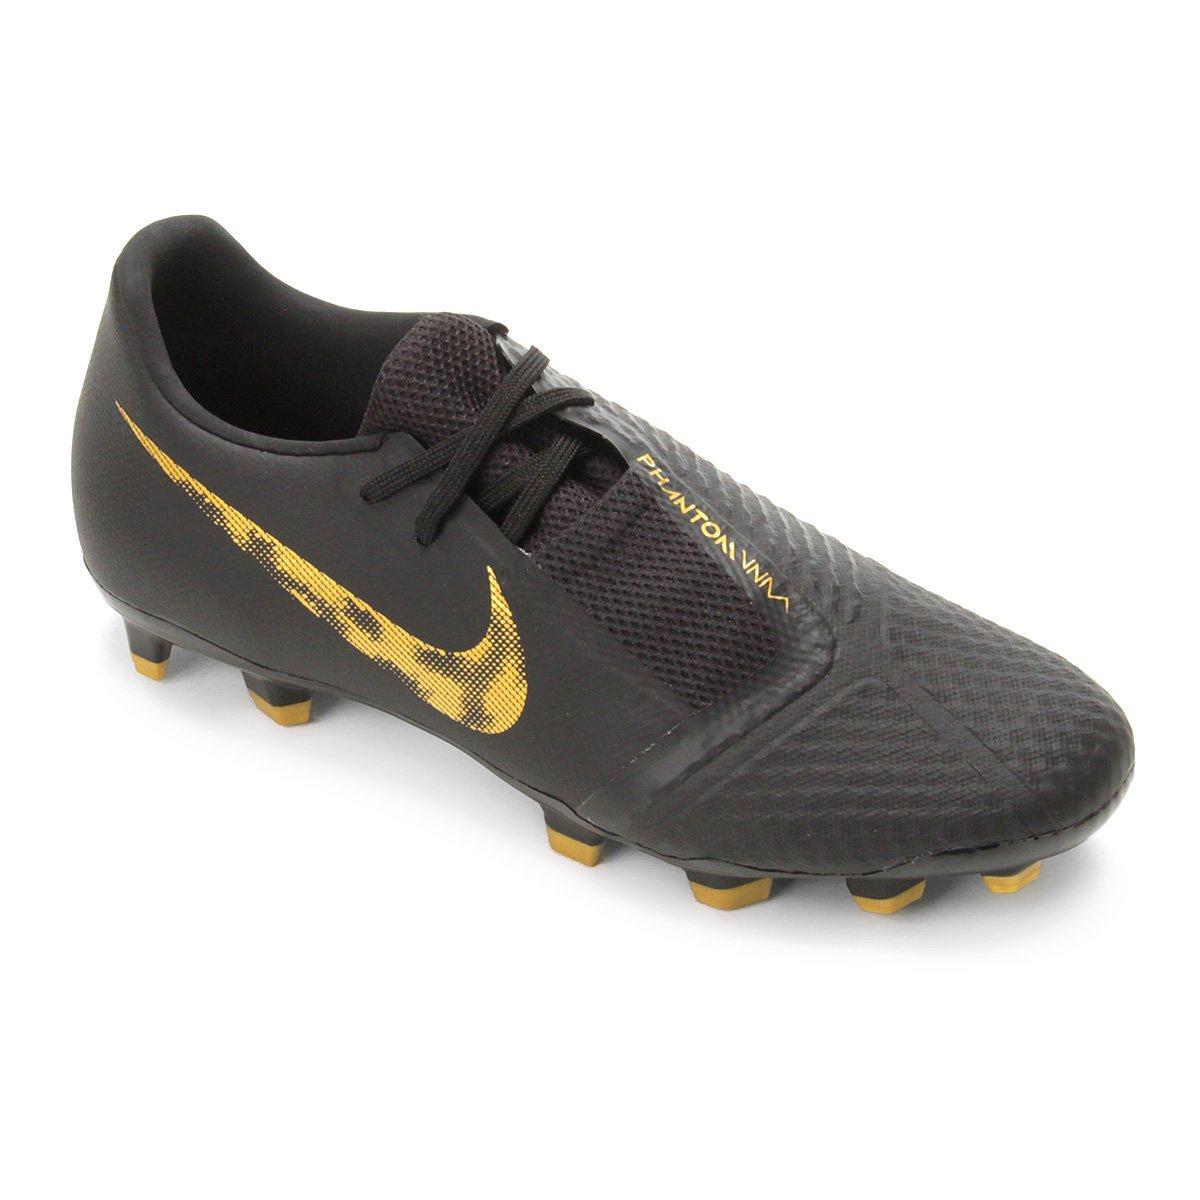 80a00fb33aa18 Chuteira Campo Nike Phantom Venom Academy FG - Preto e Dourado | Loja do  Inter